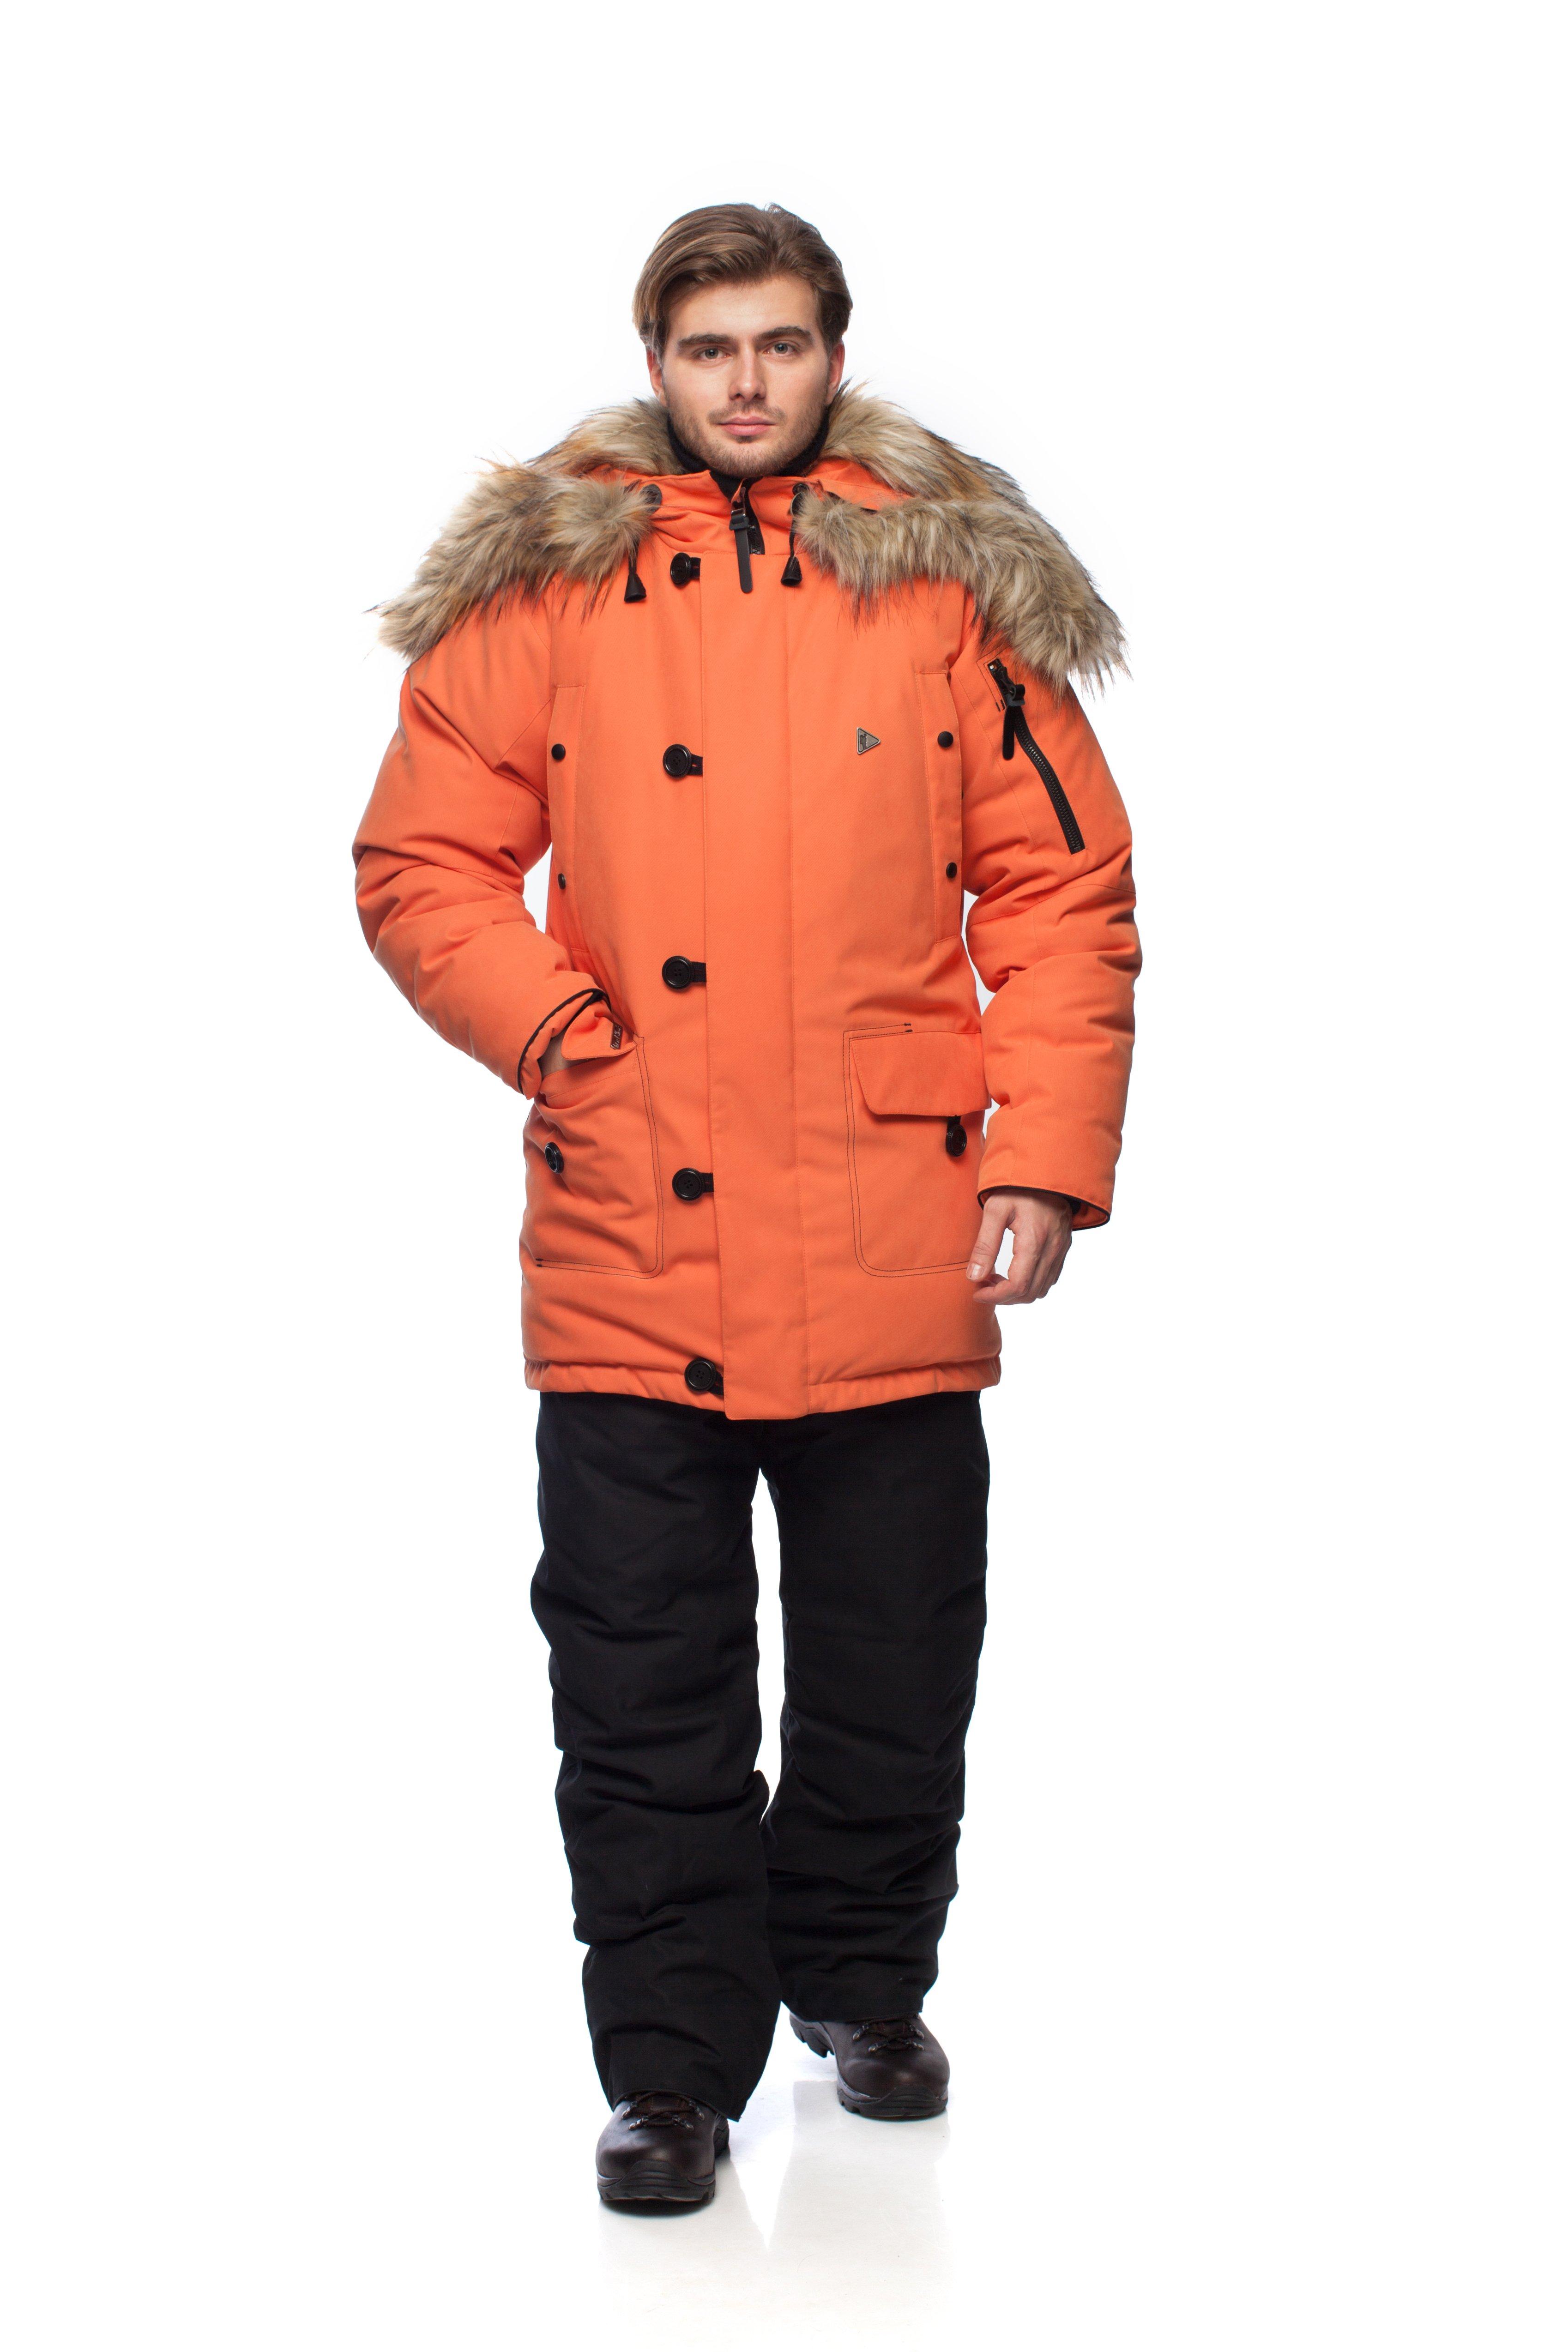 Пуховая куртка BASK DIXON 1461Куртки<br><br><br>&quot;Дышащие&quot; свойства: Да<br>Верхняя ткань: Advance® Alaska<br>Вес граммы: 2920<br>Вес утеплителя: 600<br>Ветро-влагозащитные свойства верхней ткани: Да<br>Ветрозащитная планка: Да<br>Ветрозащитная юбка: Да<br>Влагозащитные молнии: Нет<br>Внутренние манжеты: Да<br>Внутренняя ткань: Advance® Classic<br>Водонепроницаемость: 5000<br>Дублирующий центральную молнию клапан: Да<br>Защитный козырёк капюшона: Нет<br>Капюшон: Несъемный<br>Карман для средств связи: Нет<br>Количество внешних карманов: 5<br>Количество внутренних карманов: 4<br>Коллекция: Pole to Pole<br>Мембрана: Да<br>Объемный крой локтевой зоны: Да<br>Отстёгивающиеся рукава: Нет<br>Паропроницаемость: 5000<br>Показатель Fill Power (для пуховых изделий): 650<br>Пол: Мужской<br>Проклейка швов: Нет<br>Регулировка манжетов рукавов: Нет<br>Регулировка низа: Нет<br>Регулировка объёма капюшона: Да<br>Регулировка талии: Да<br>Регулируемые вентиляционные отверстия: Нет<br>Световозвращающая лента: Нет<br>Температурный режим: -80<br>Технология Thermal Welding: Нет<br>Технология швов: Простые<br>Тип молнии: Двухзамковая<br>Тип утеплителя: Коминированный<br>Ткань усиления: Нет<br>Усиление контактных зон: Нет<br>Утеплитель: Гусиный пух<br>Размер RU: 44<br>Цвет: СИНИЙ